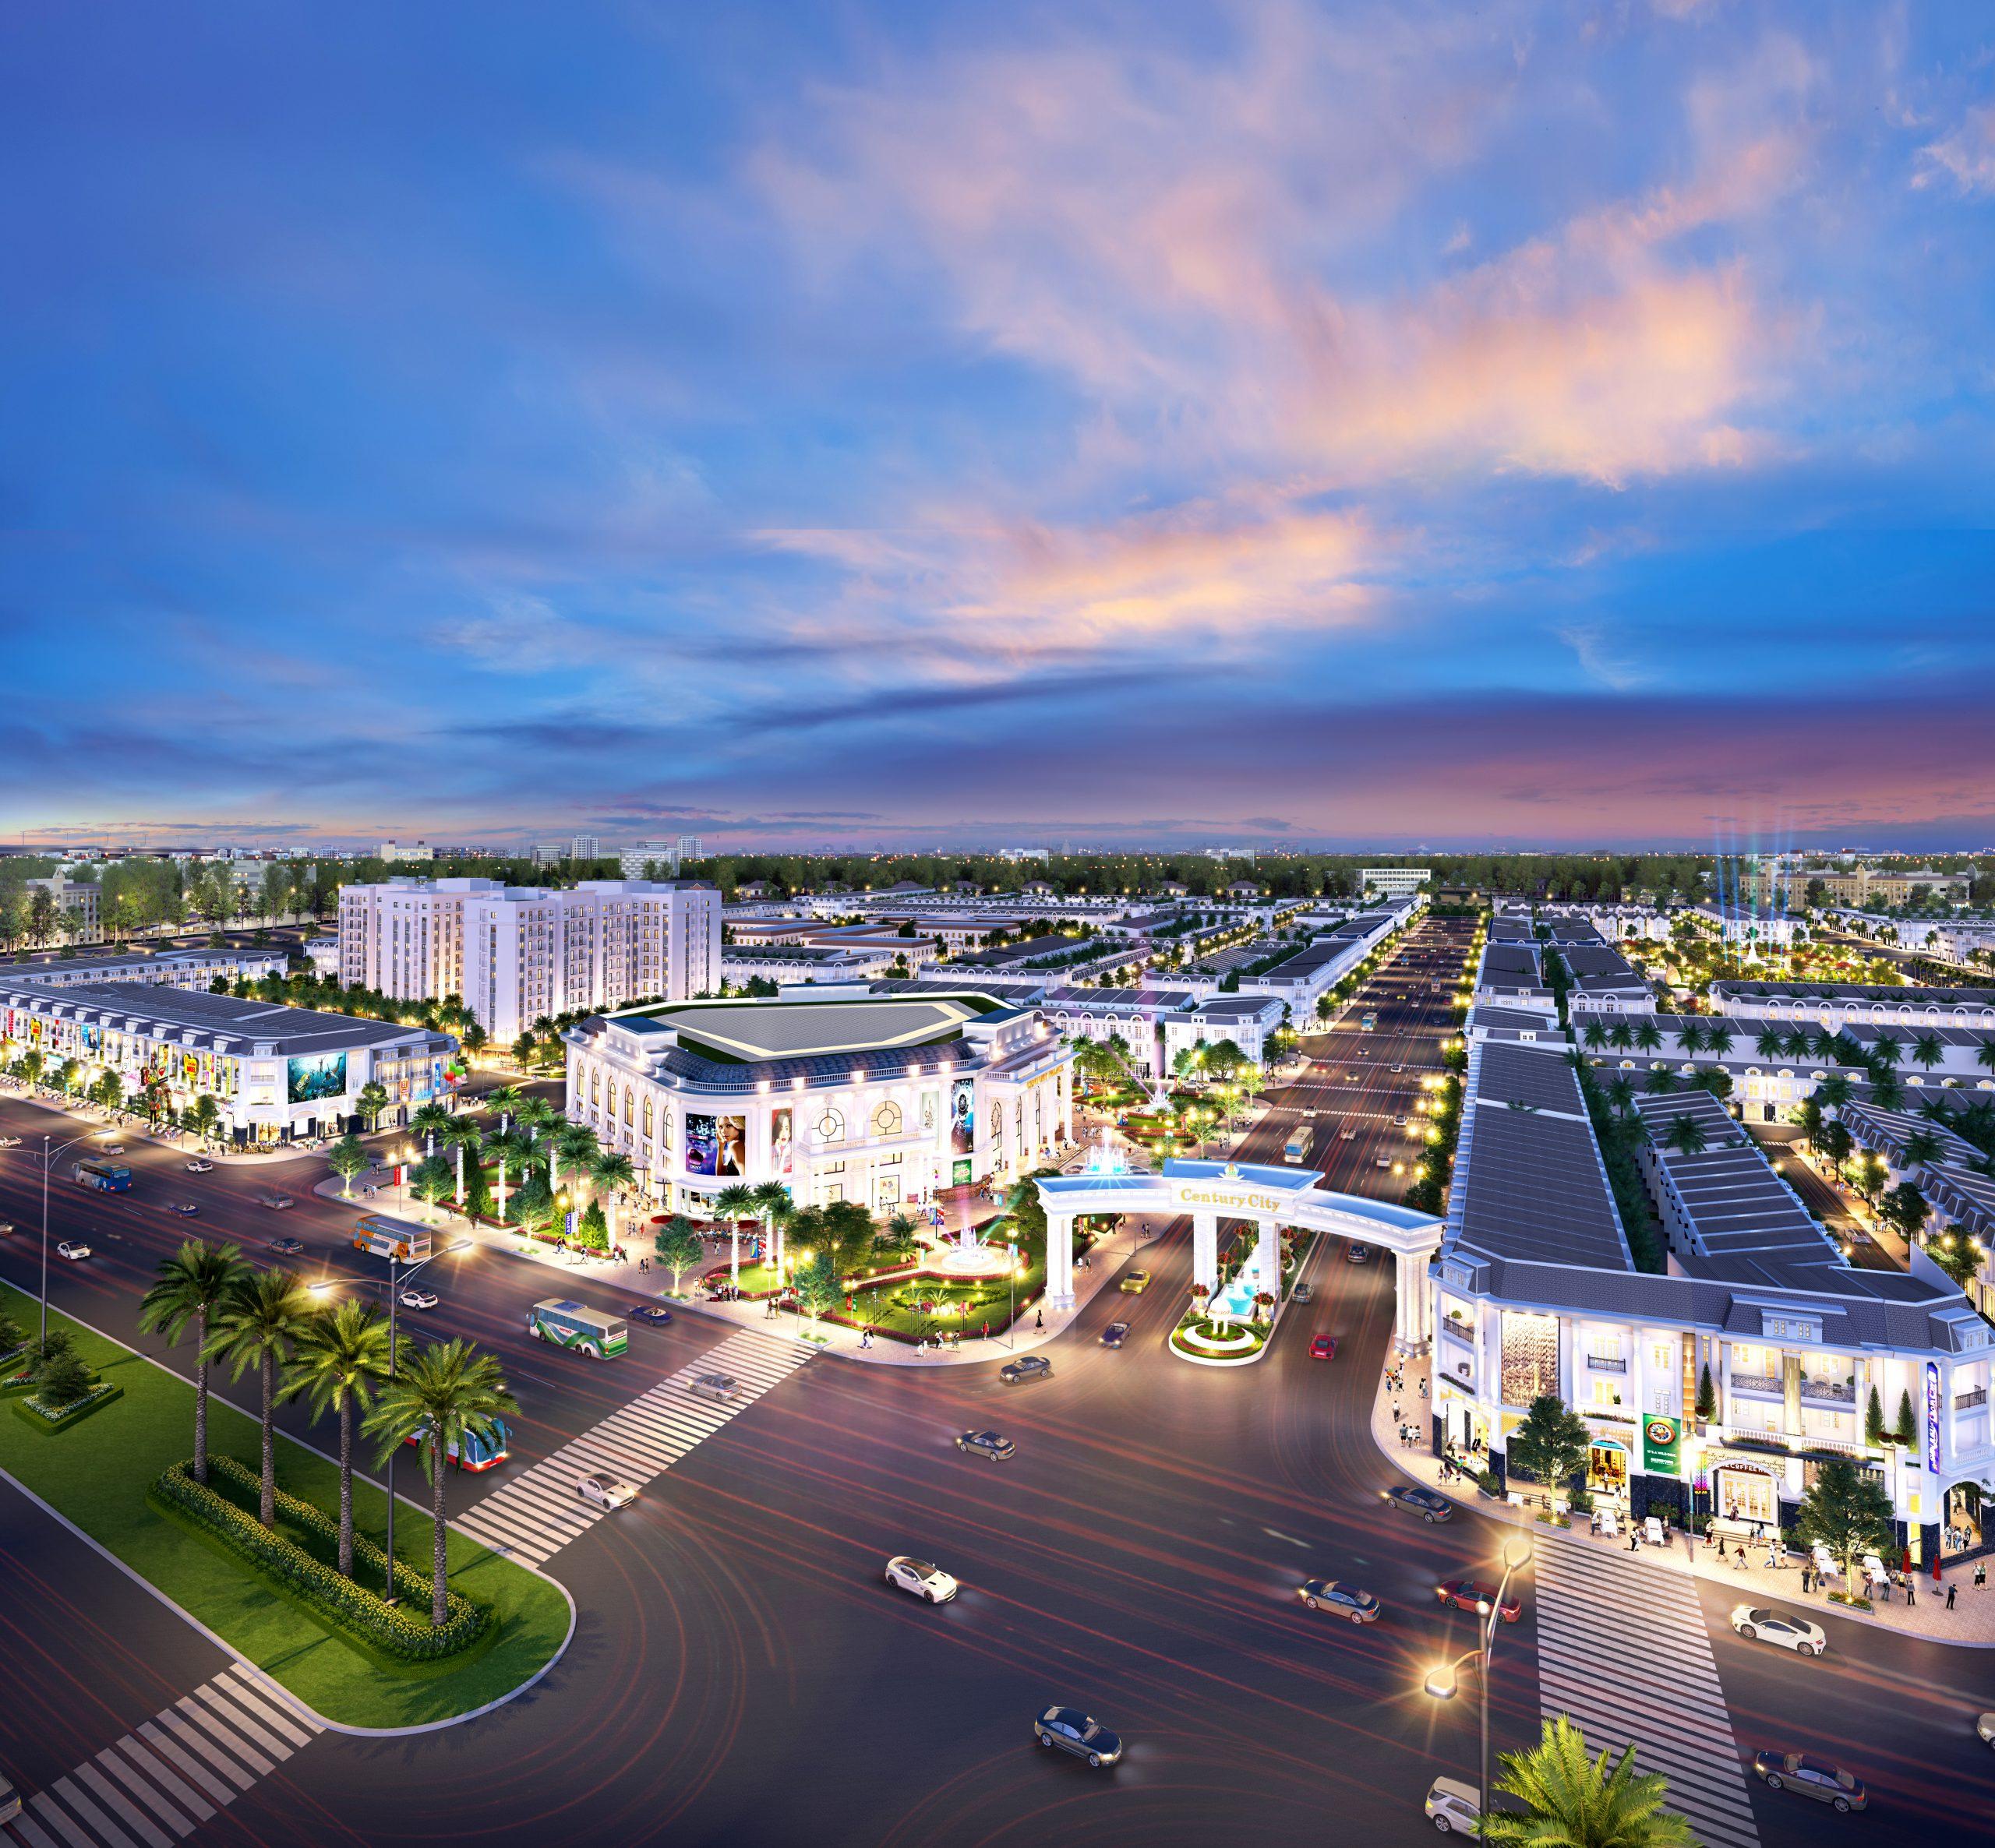 Dự án Century với lợi thế gần Sân Bay Long Thành đang thu hút các giới đầu tư quan tâm